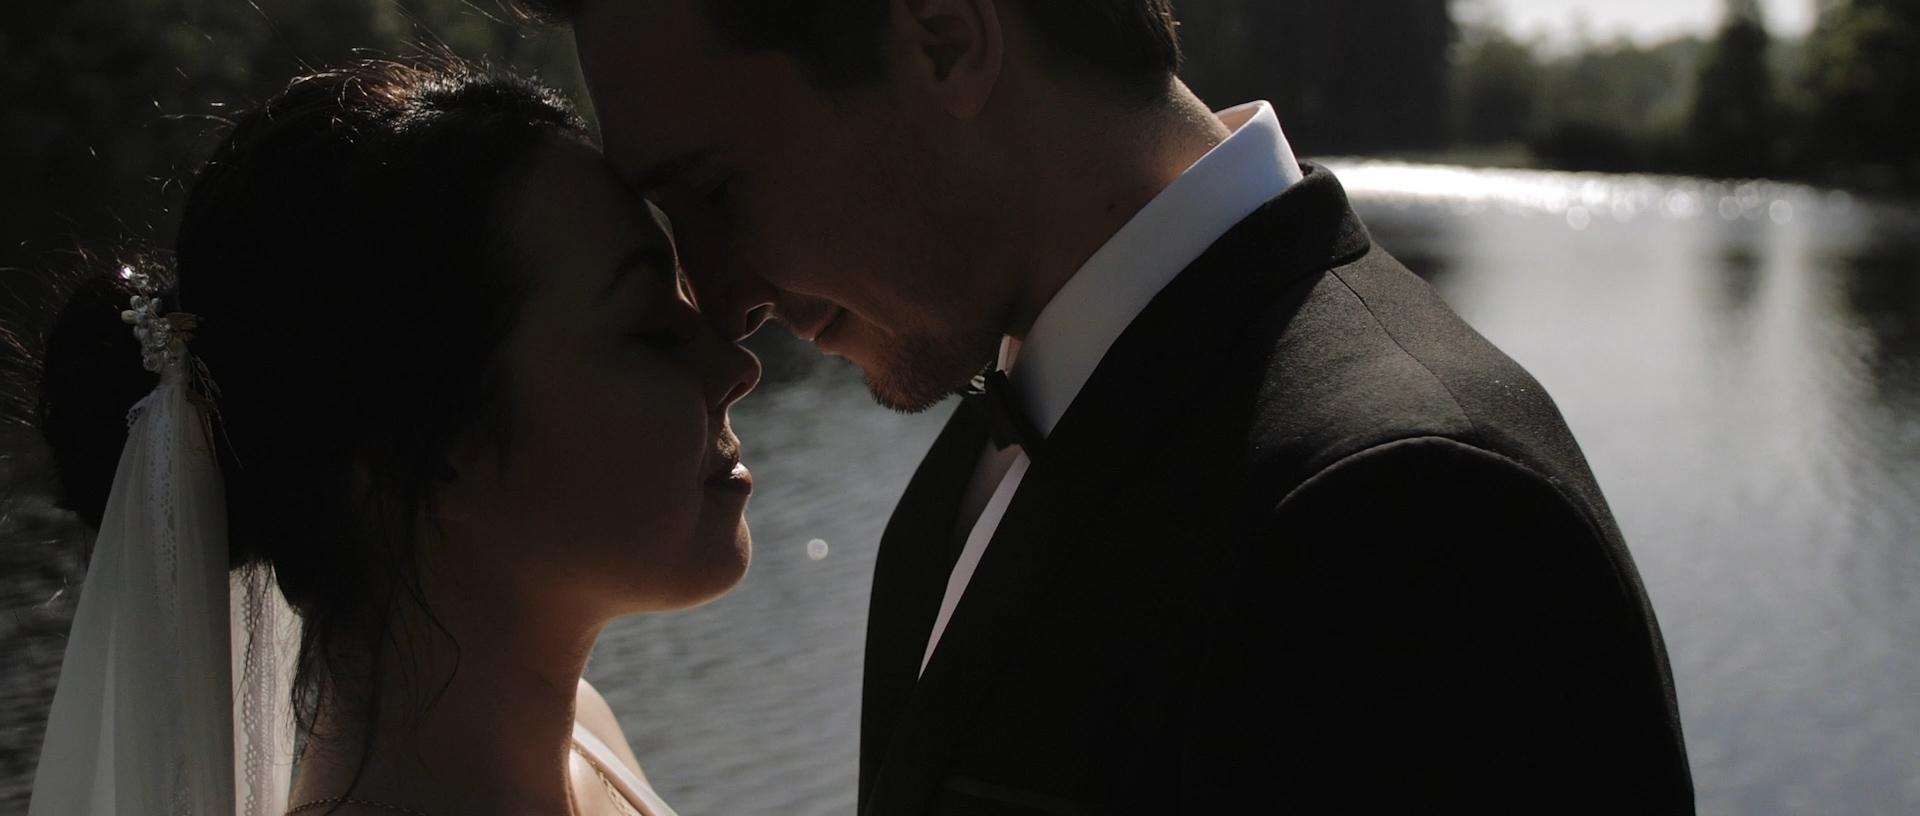 riddles-court-wedding-videographer_LL_07.jpg